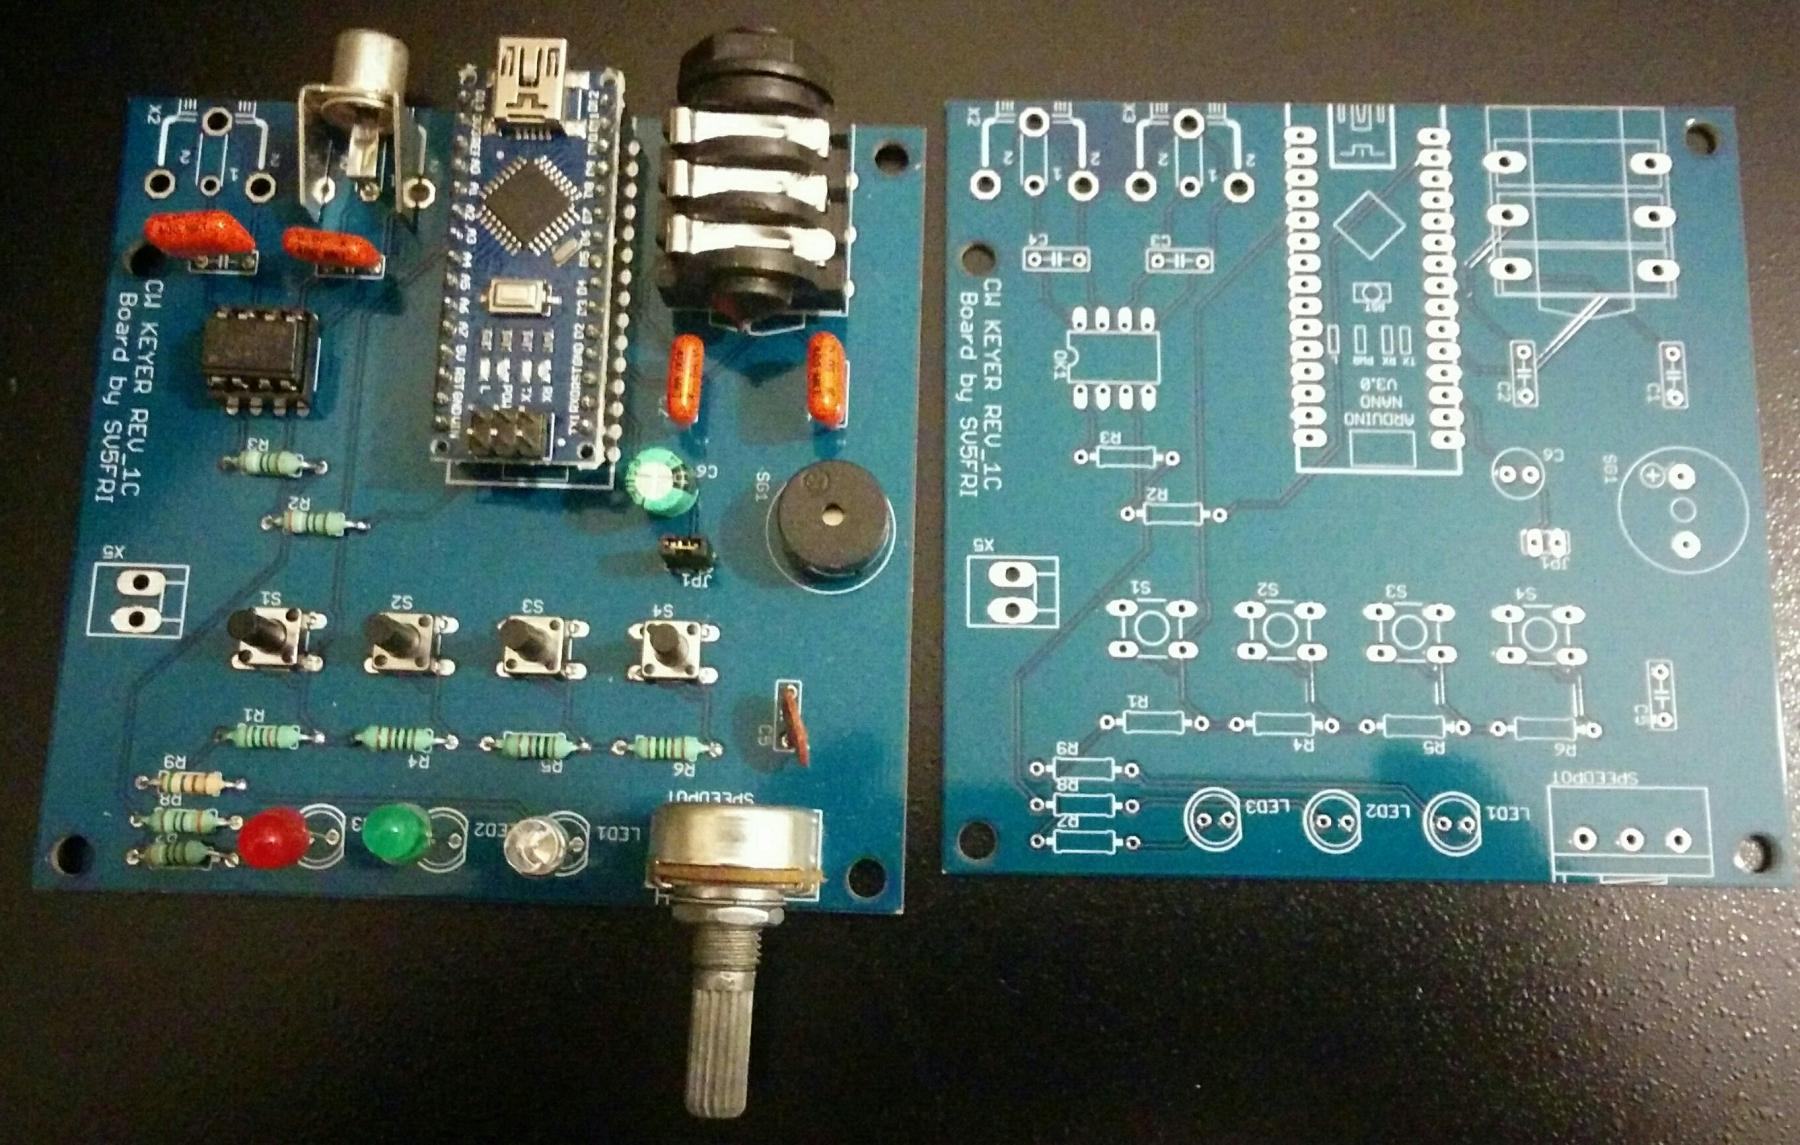 CW Keyer with Arduino Nano – SV5FRI